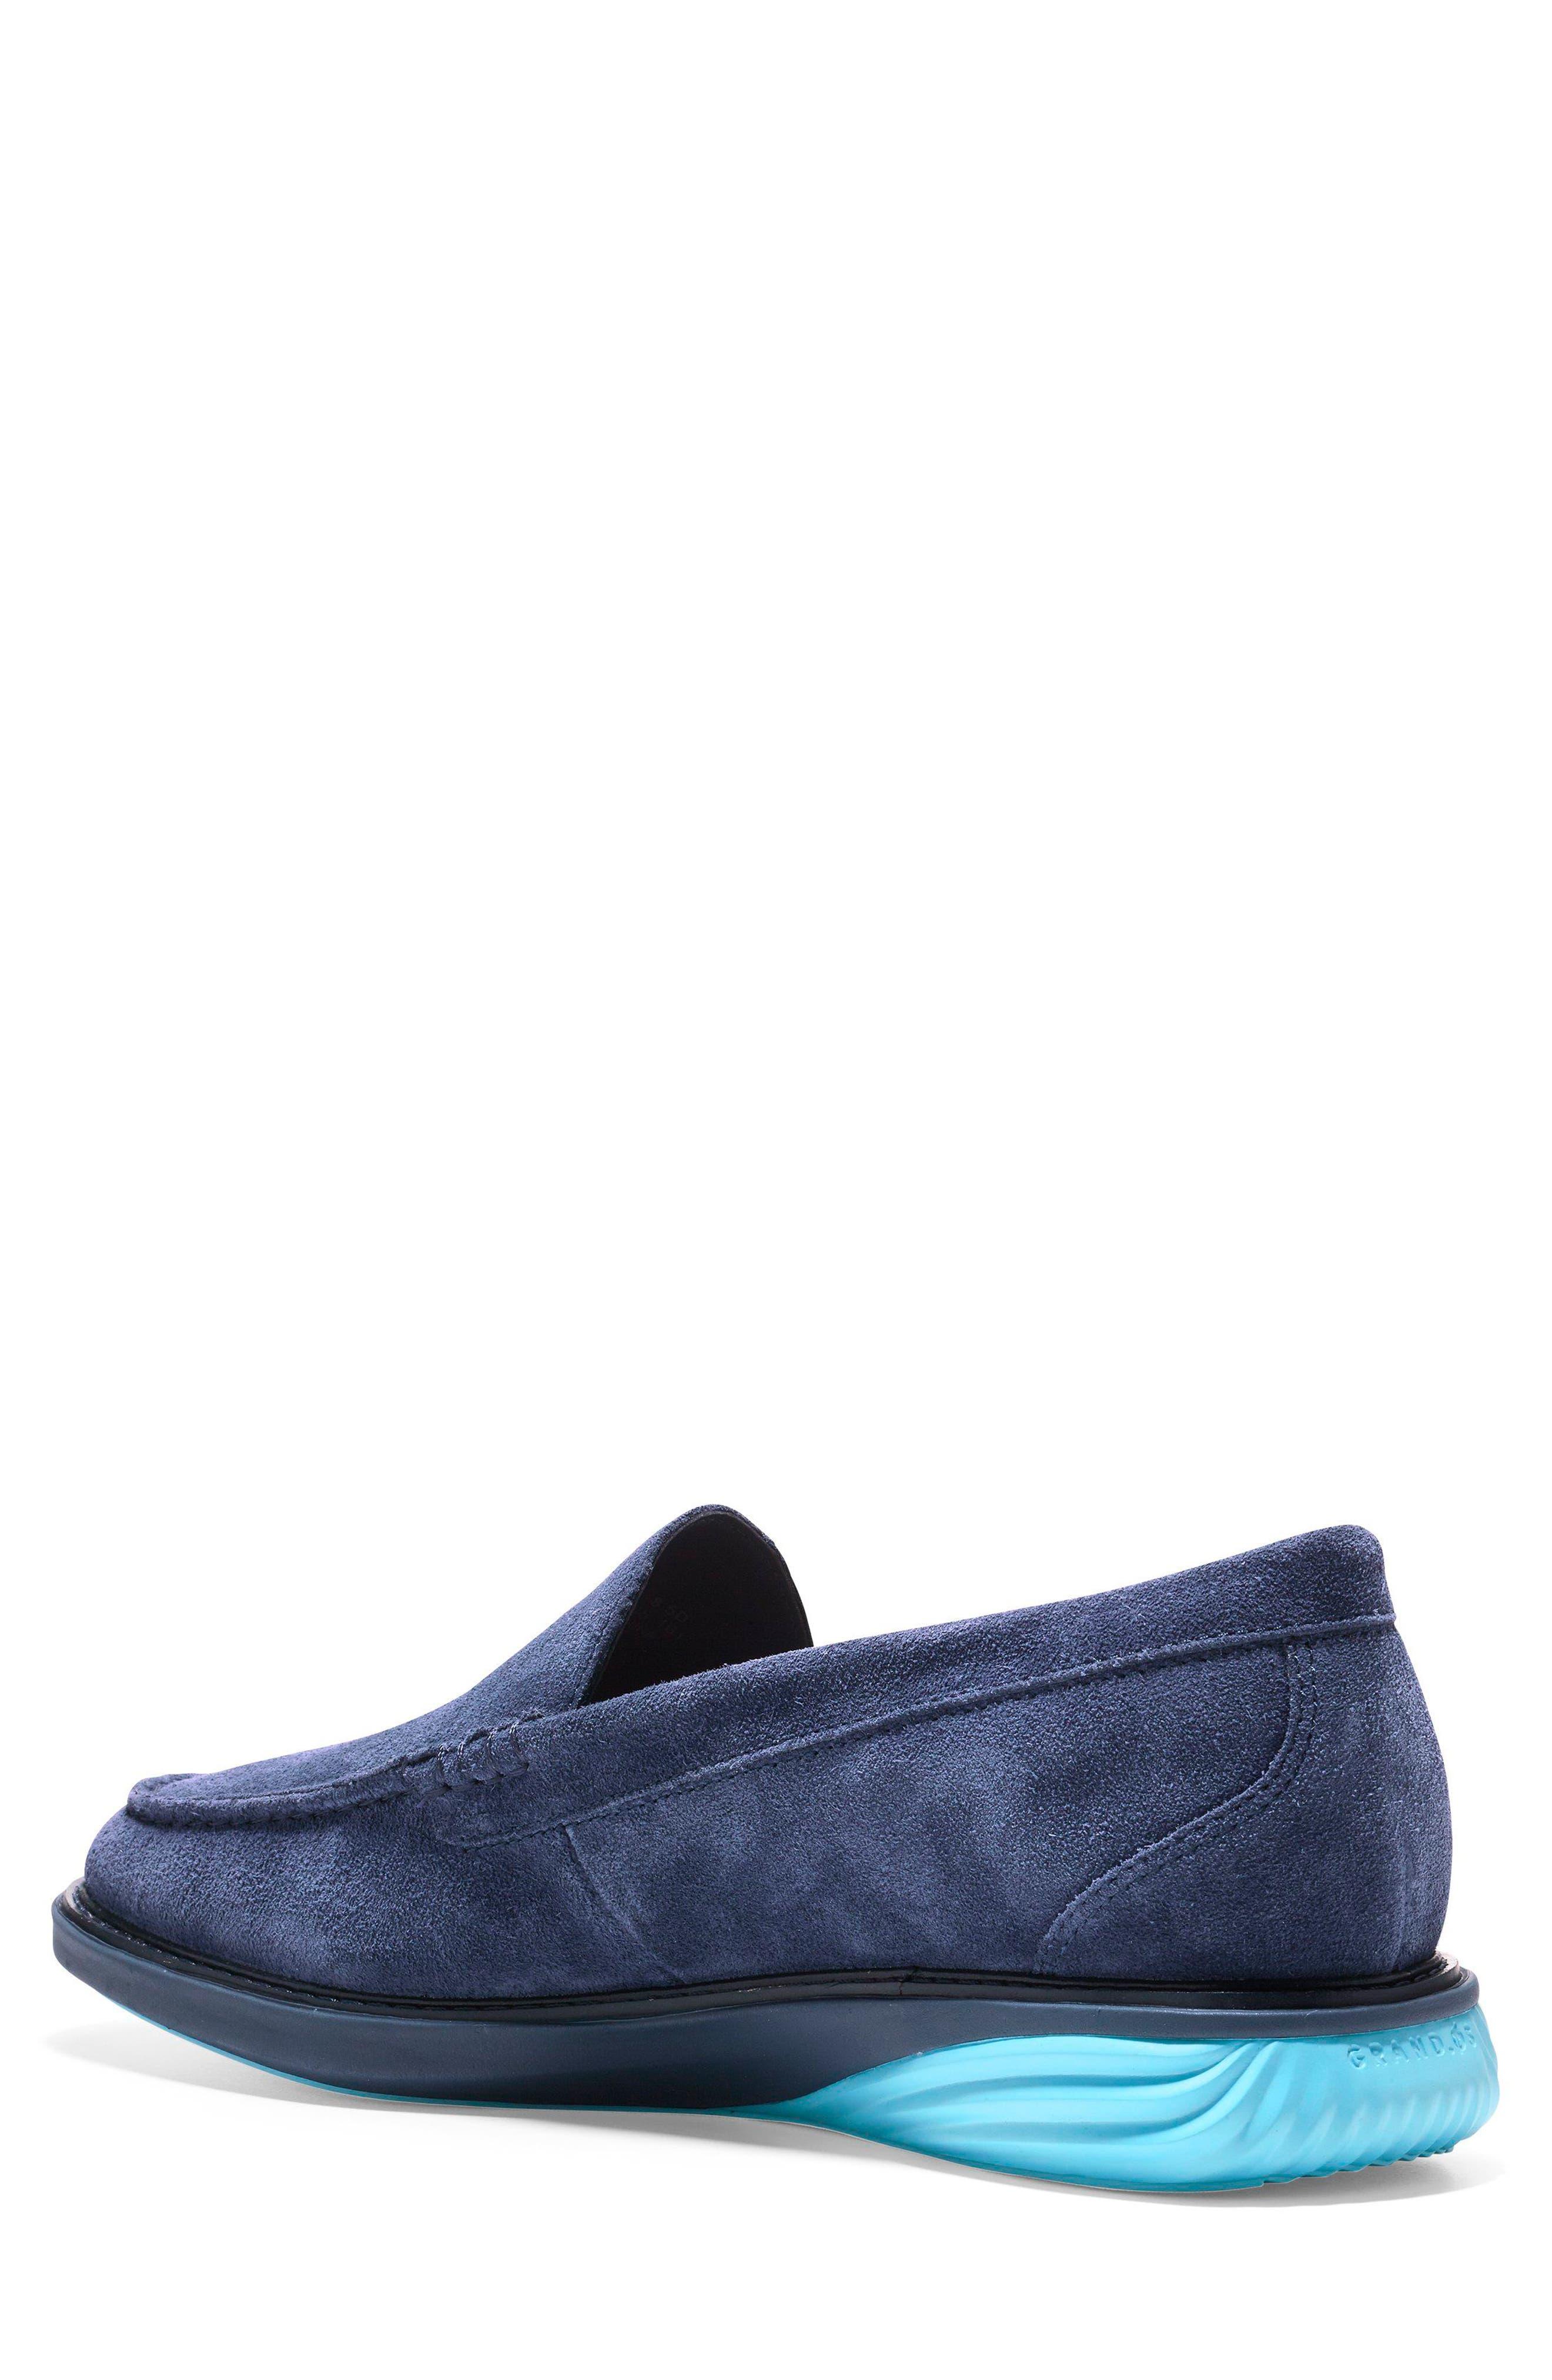 GrandEvølution Venetian Loafer,                             Alternate thumbnail 2, color,                             Marine Blue Suede